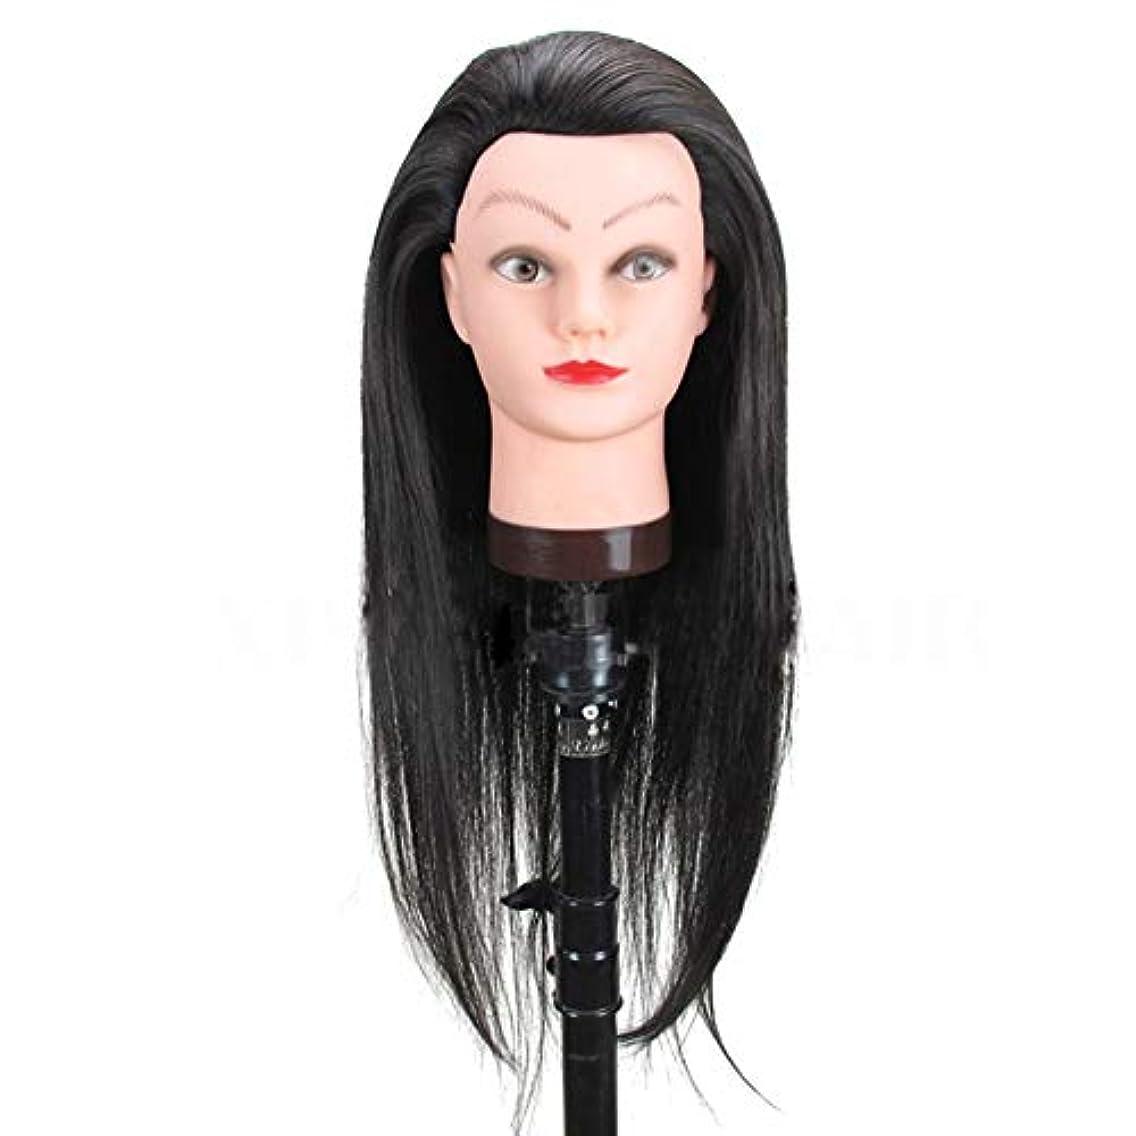 期待ドレイン栄光Hairdressing Practice Head Model Braided Hair Training Head Head Barbershop Haircut Learning Dummy Mannequin Head.